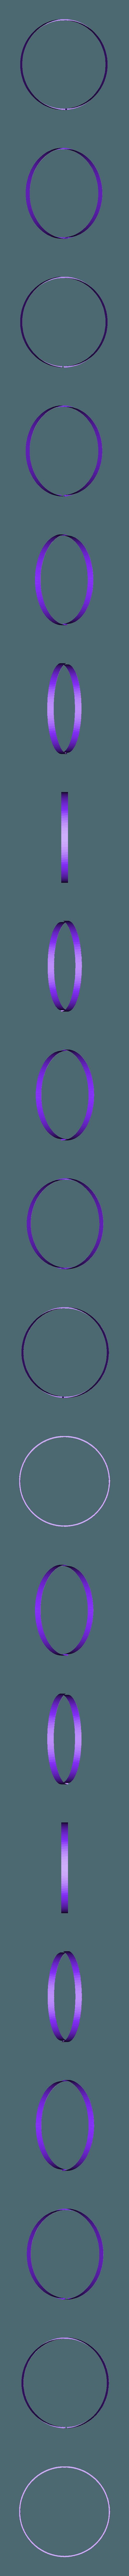 ic-ring.stl Télécharger fichier STL gratuit Miroir Infini • Objet à imprimer en 3D, Adafruit